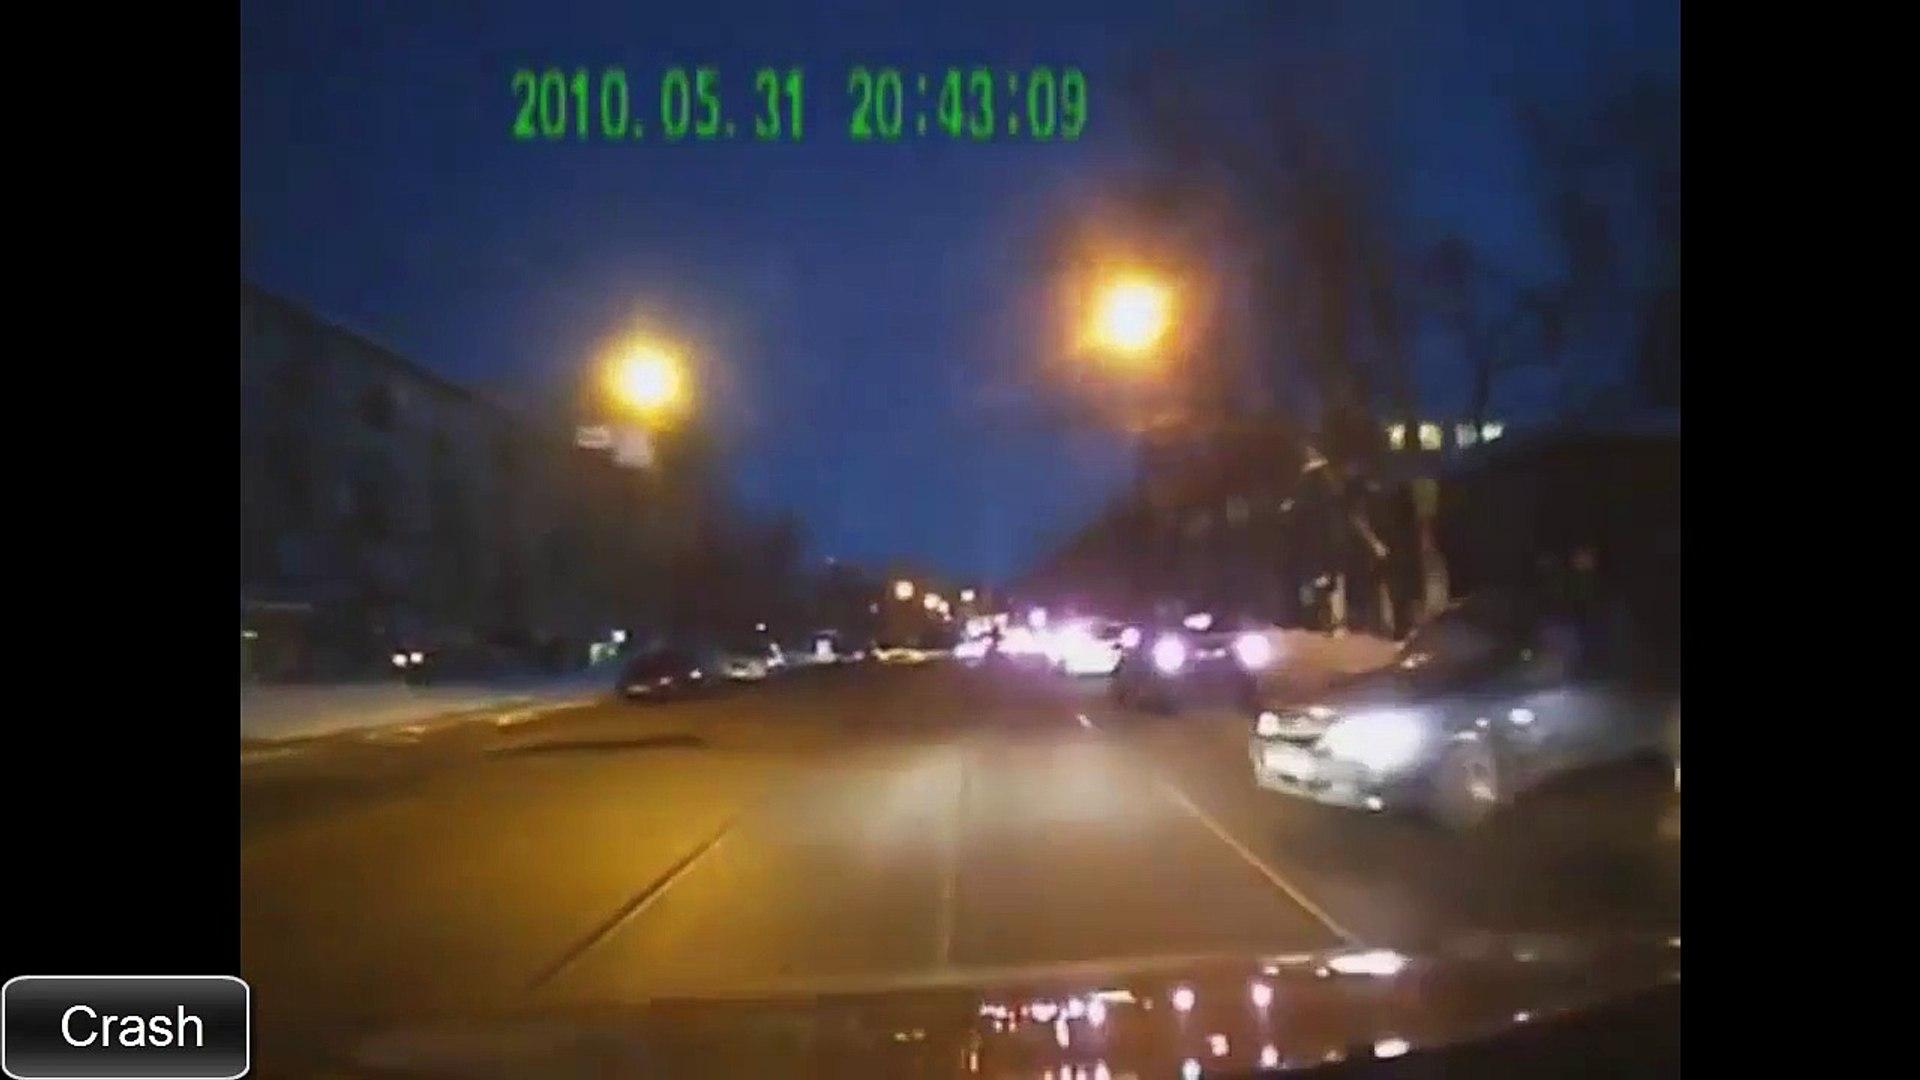 Аварии на дорогах видео 2015 смотреть бесплатно. Часть 4